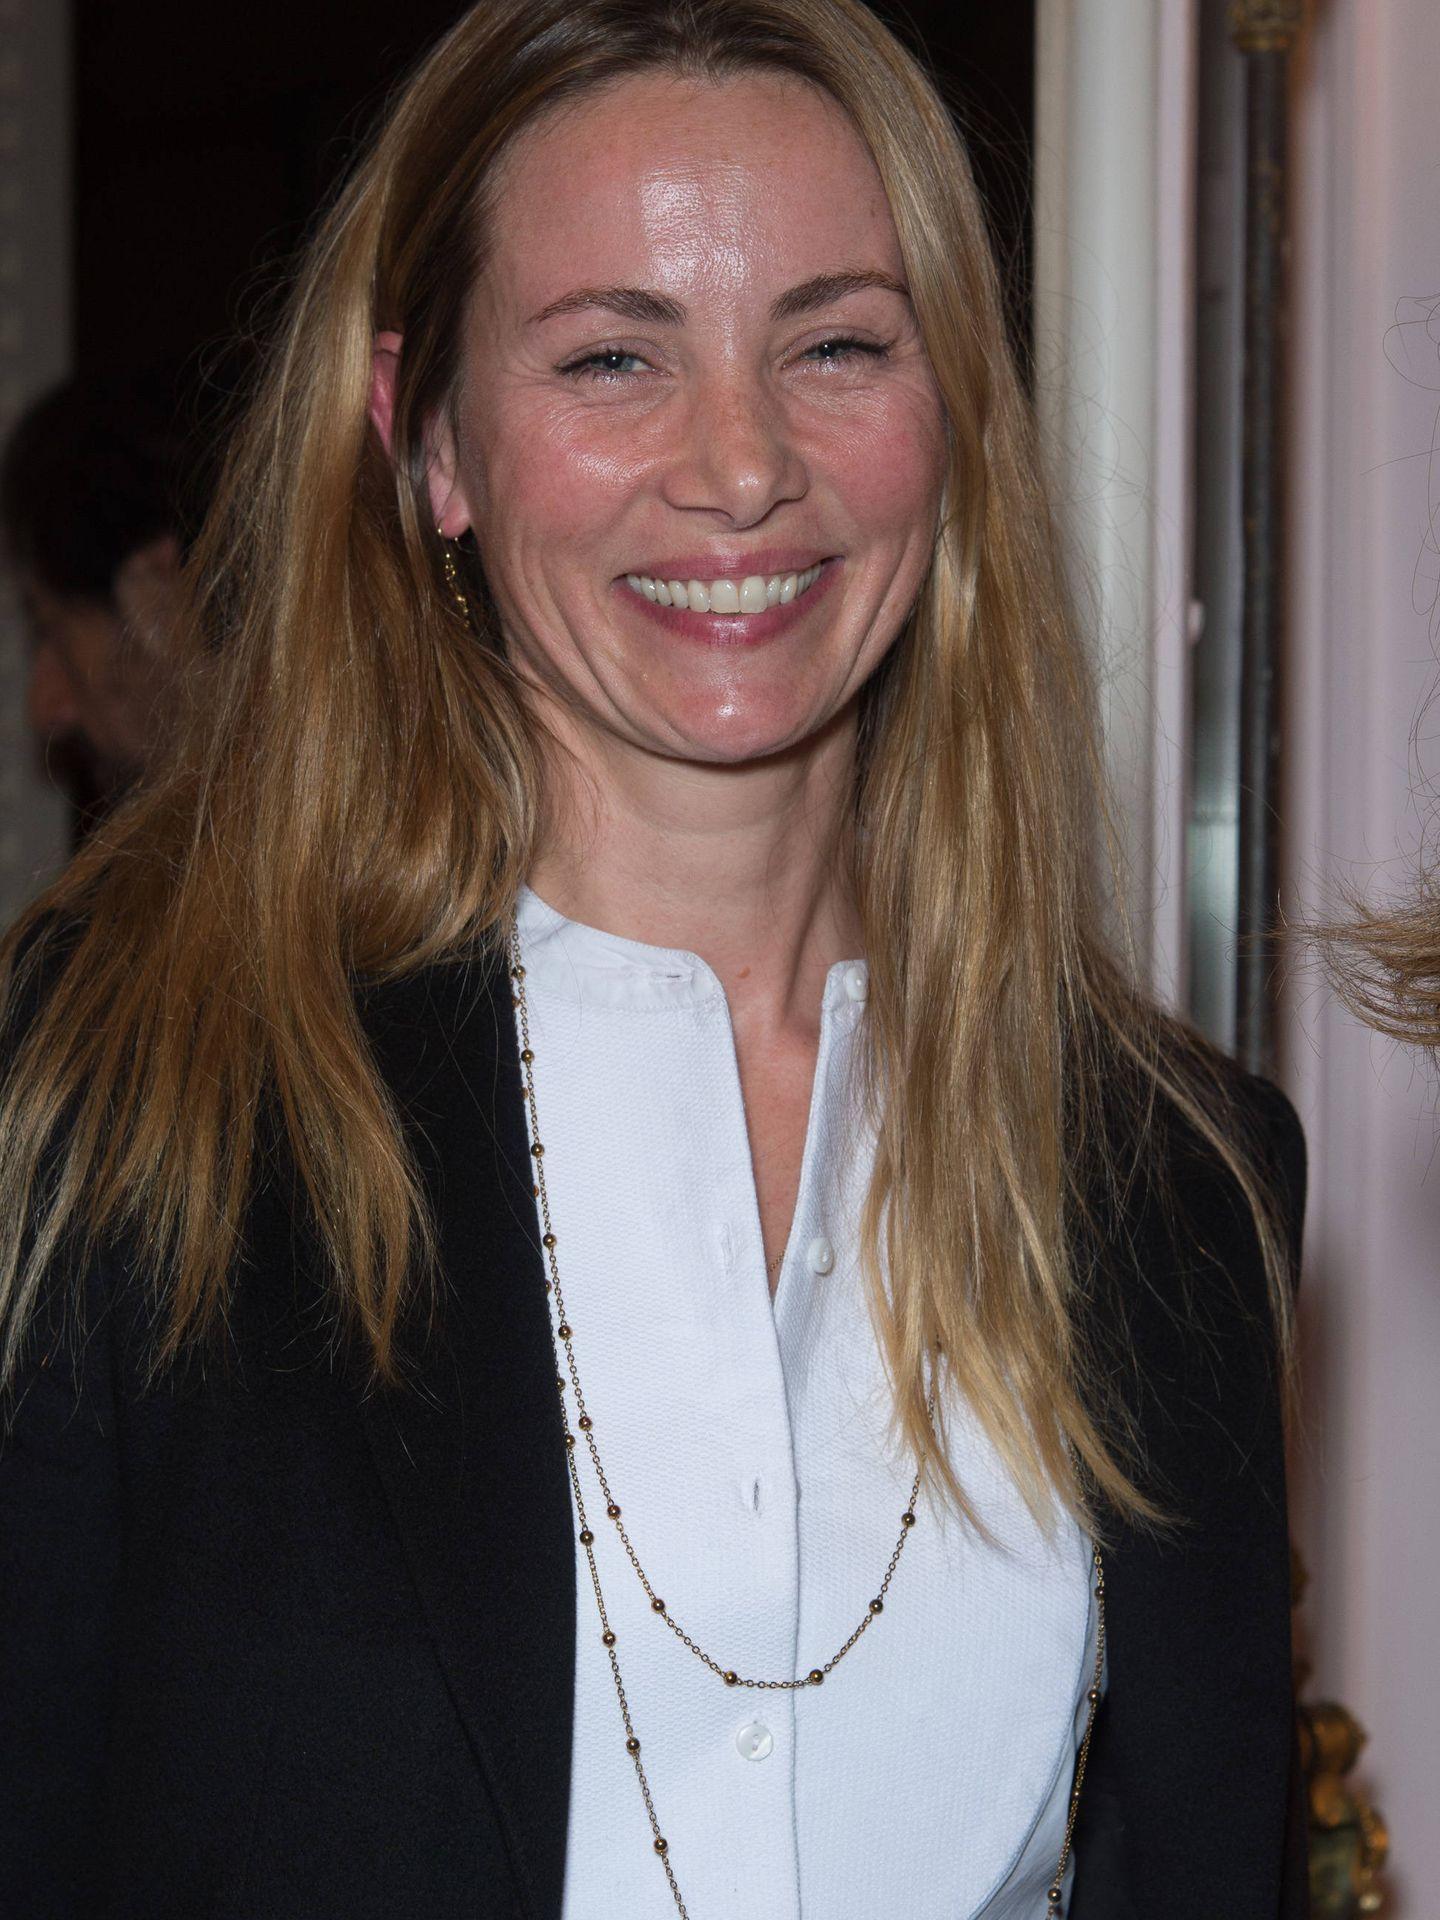 Céline Balitran no se prodiga demasiado en actos sociales. (Getty)